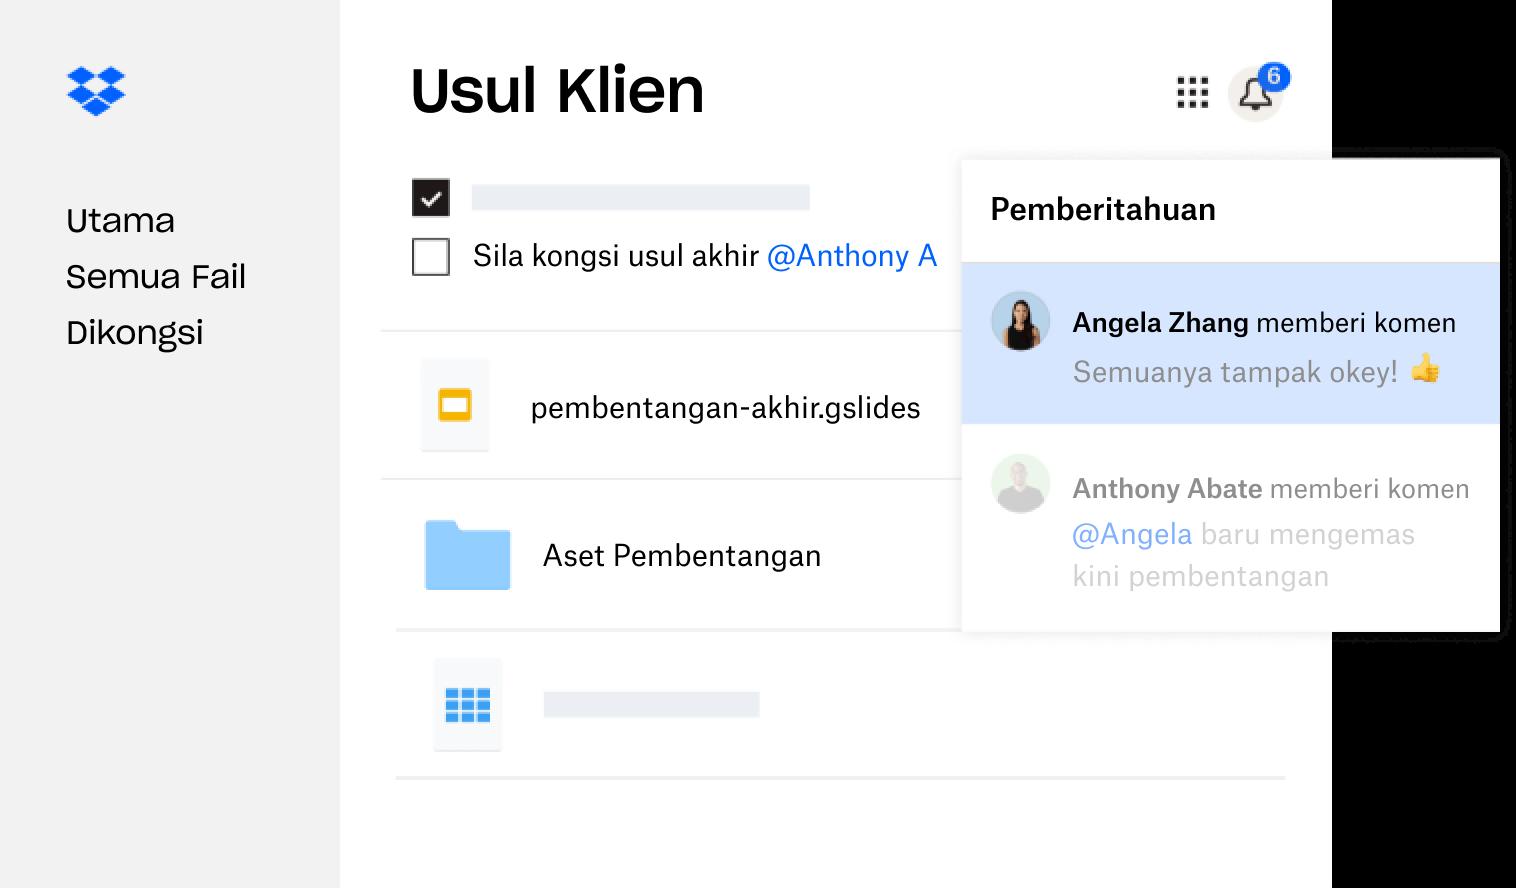 Usul klien yang dicipta dalam Dropbox dikongsi dengan berbilang pengguna yang memberikan maklum balas.